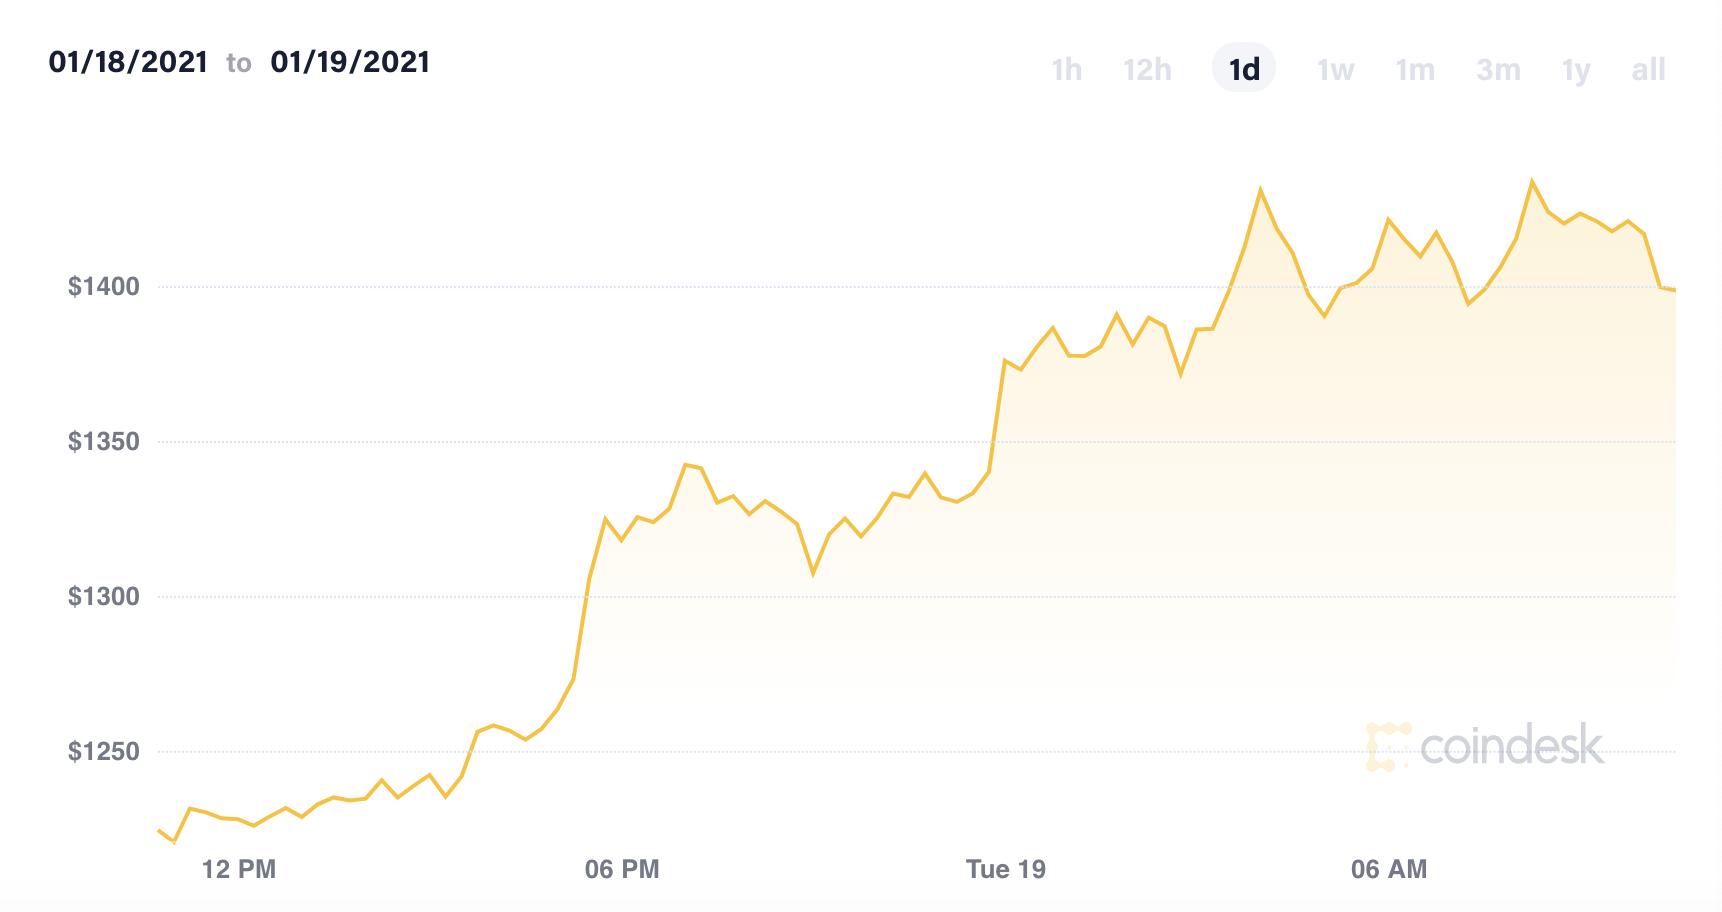 狂热的数字货币:比特币成当下最拥挤交易 以太币突破1400美元